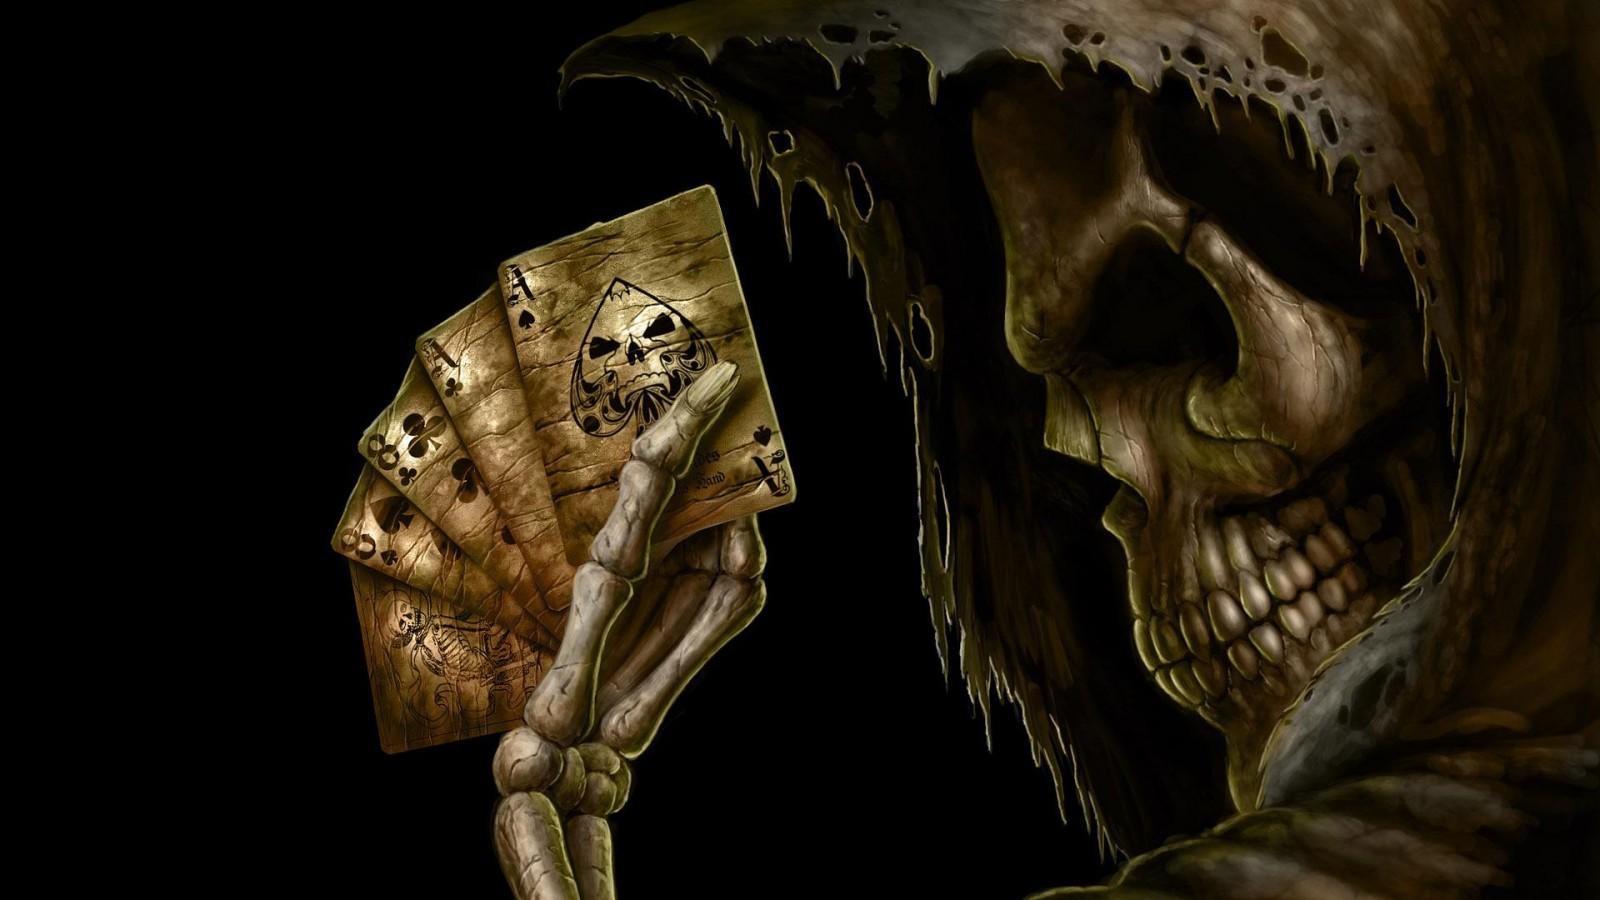 Ảnh thần chết 3d, ảnh avatar kinh dị đẹp nhất